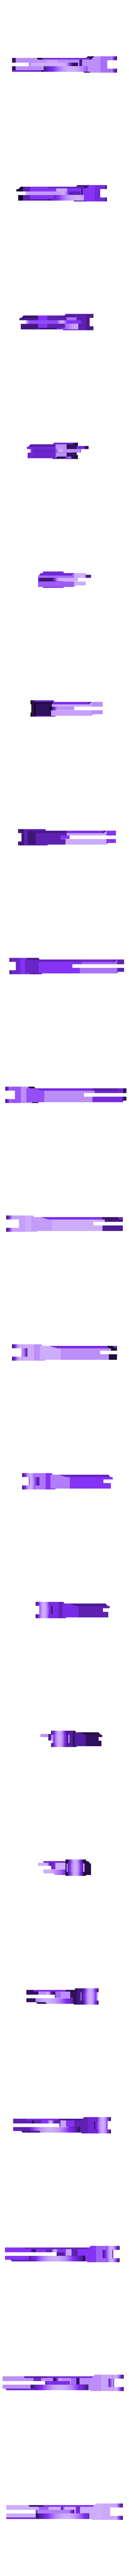 bedmount1.stl Download free STL file Ender 3 bed camera mount logitech c270,pi camera,gopro,action camera, holder(BETA TESTING finished) • 3D printable object, raffosan